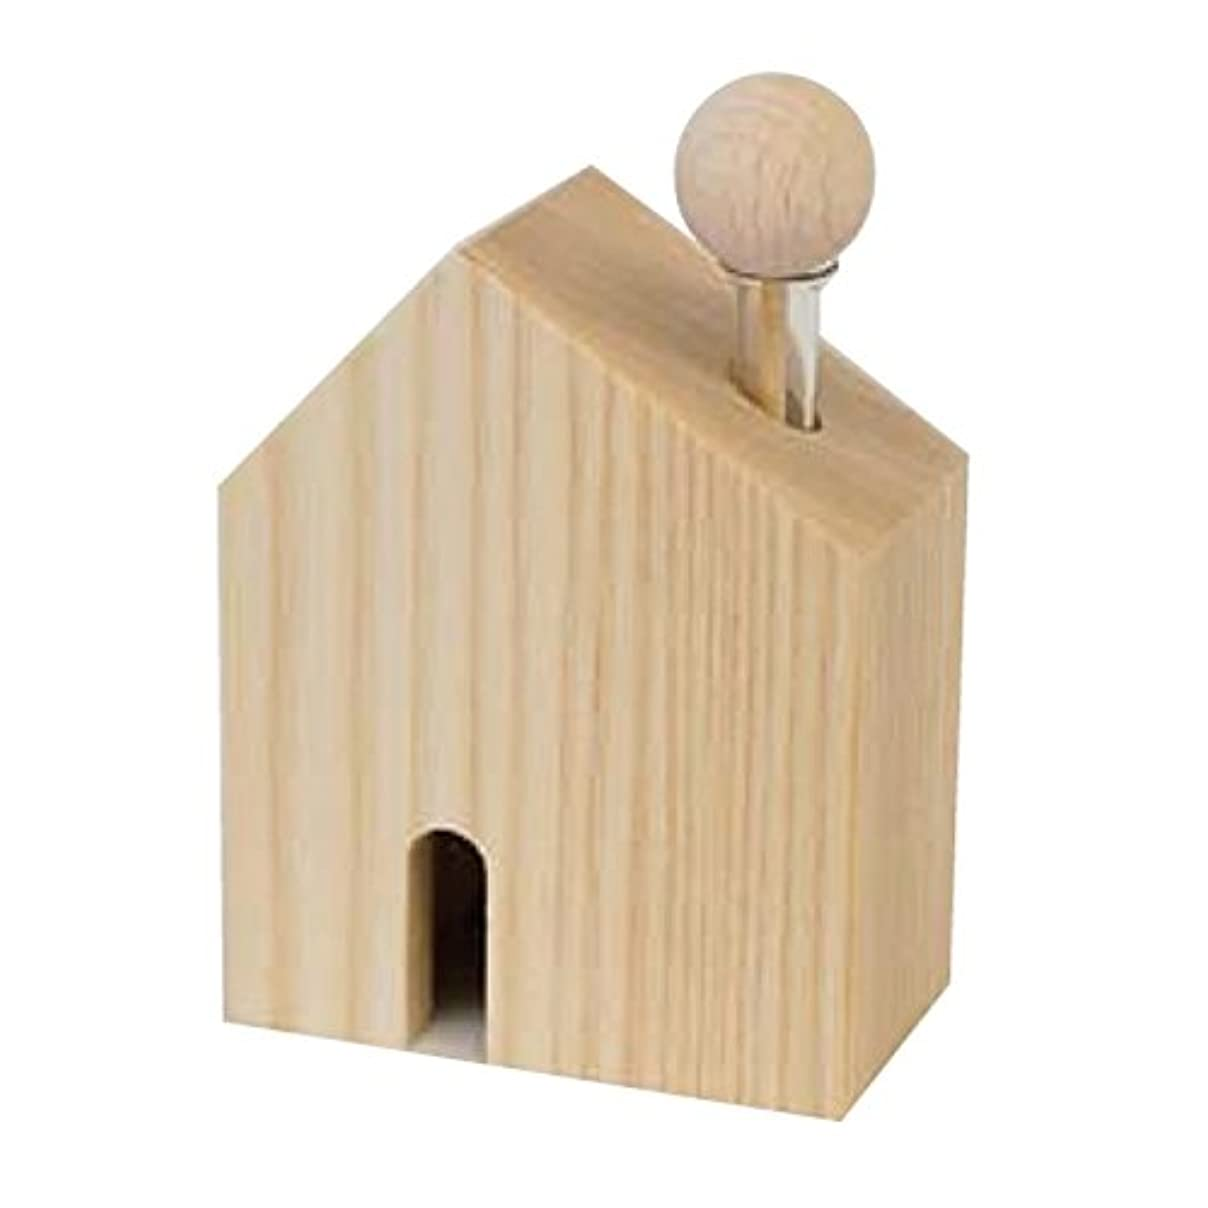 強風誰のコンパスカリス成城 アロマ芳香器 木のお家